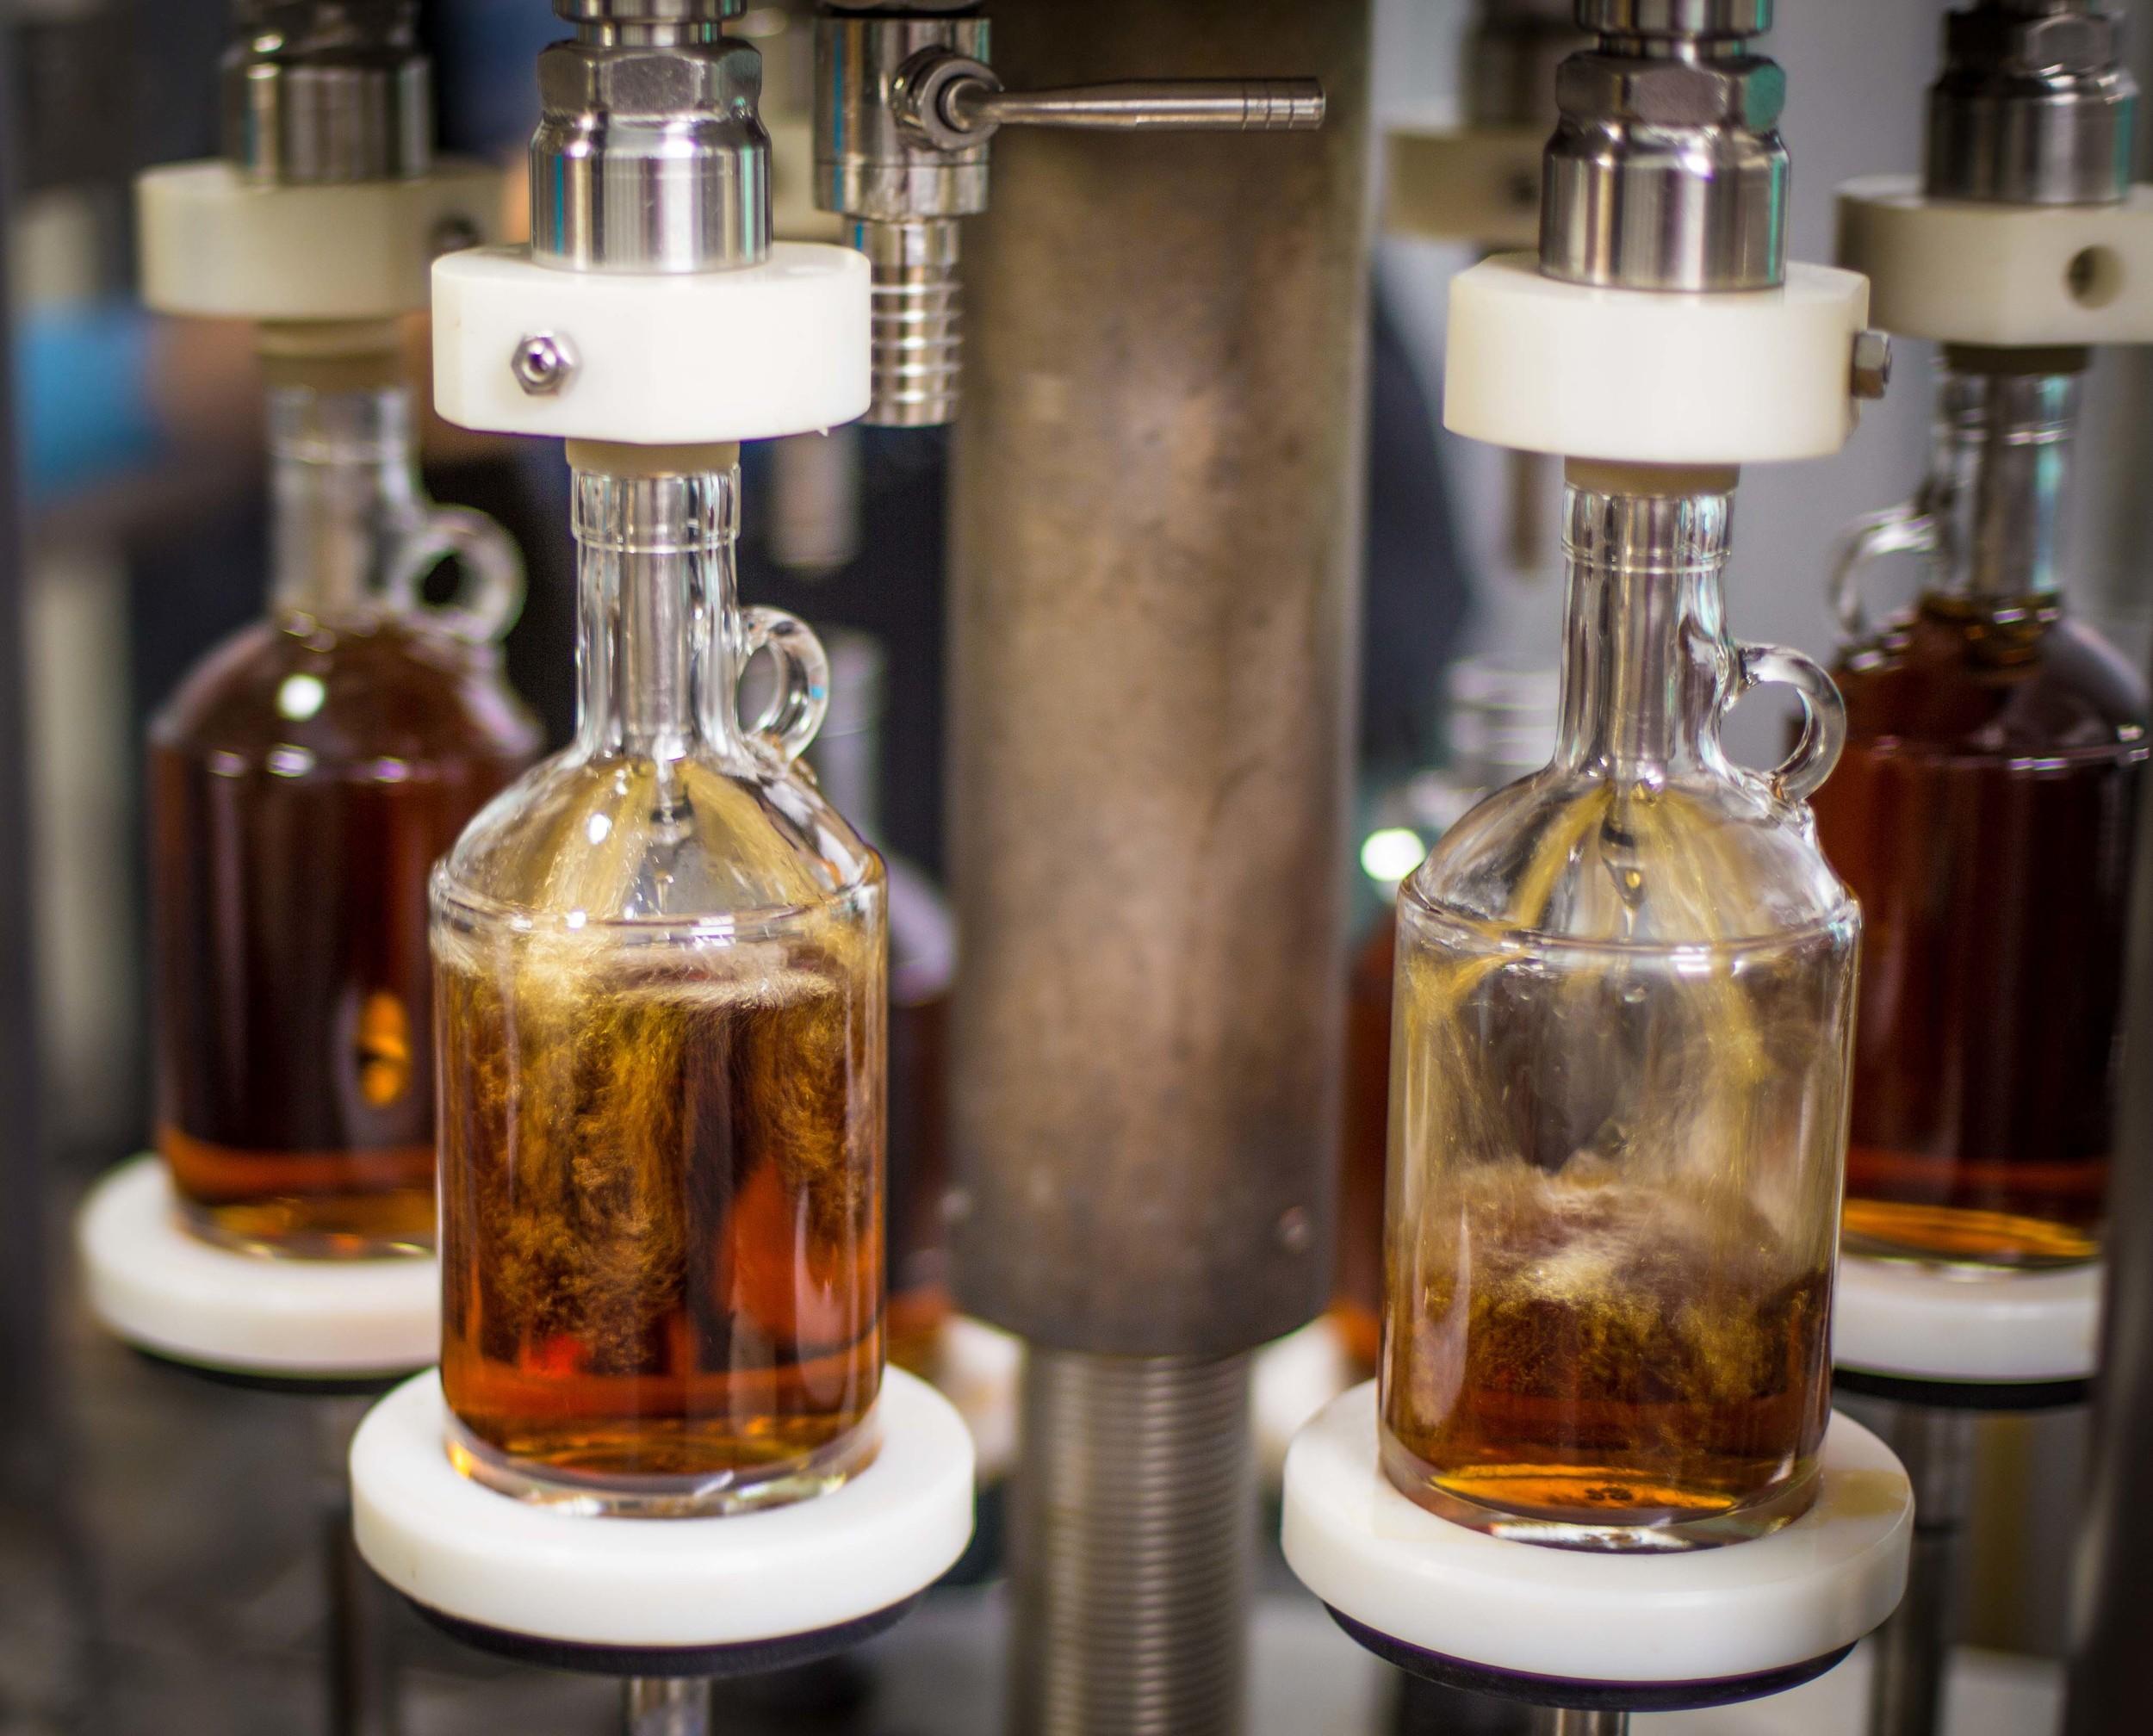 kiepersol_distillery_bottle_filling.jpg